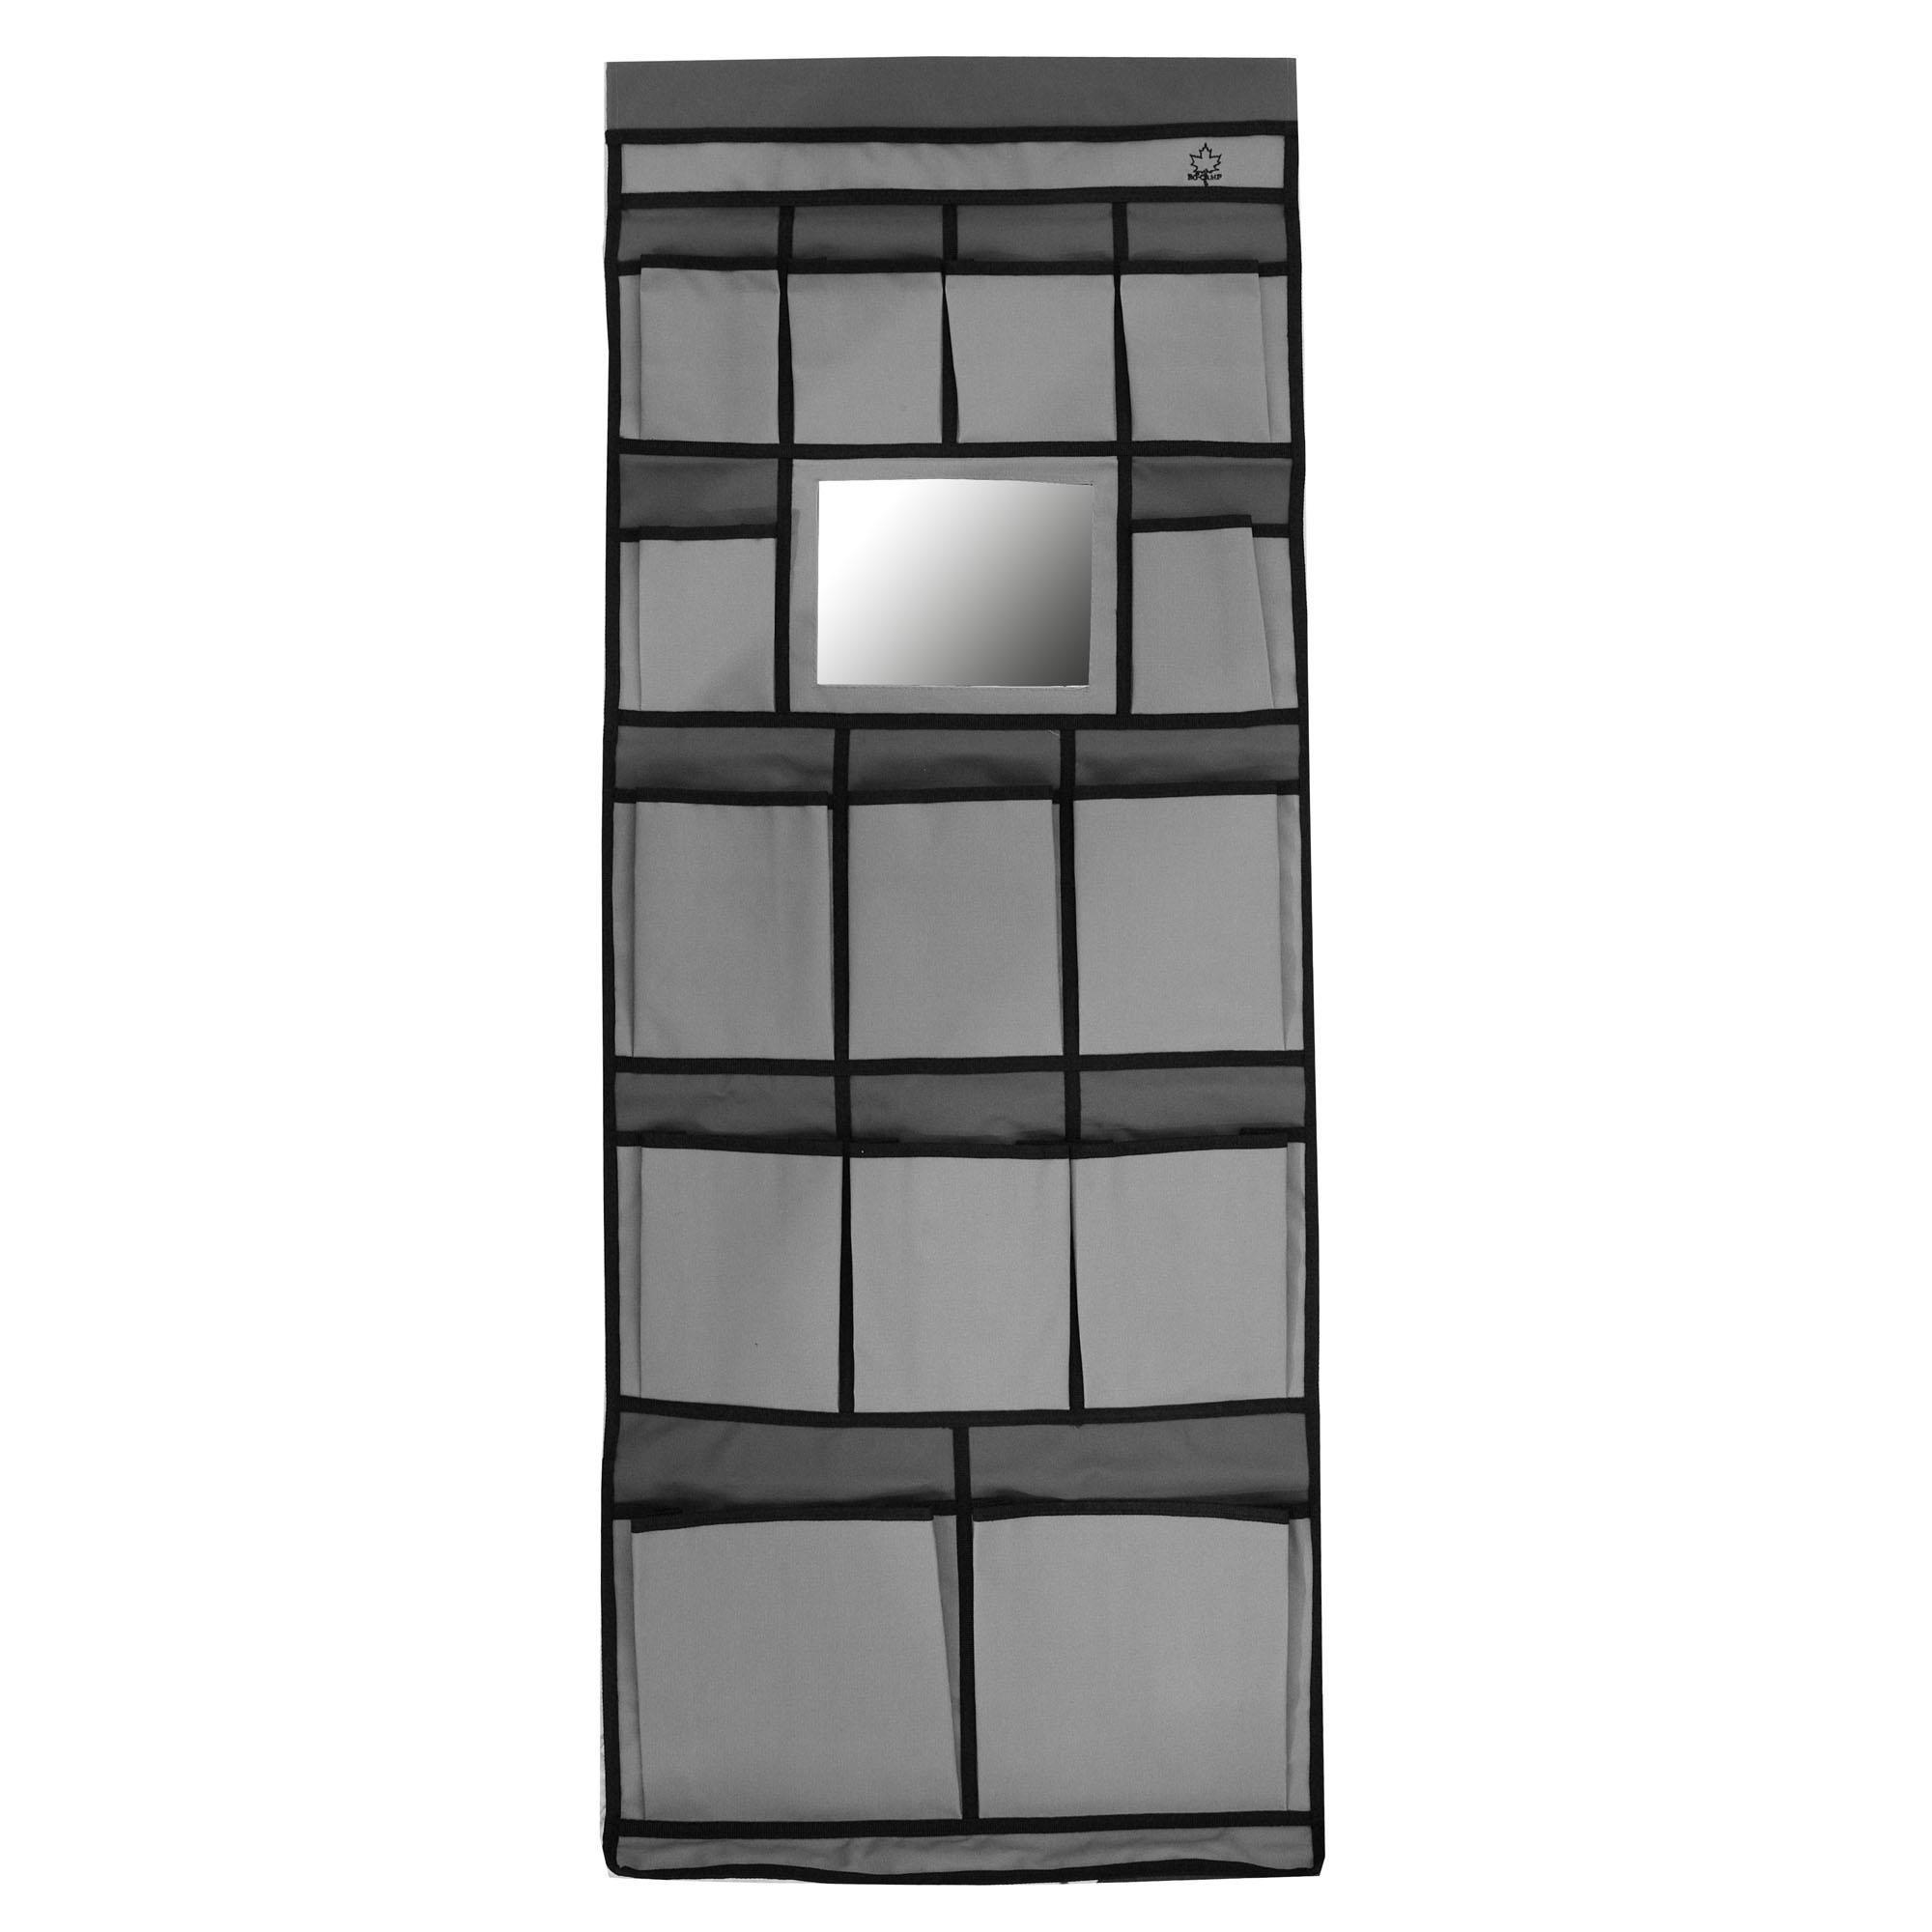 Ideaal voor extra opbergruimte. Deze tentschort is gemaakt van 600 denier nylon met veertien vakken, een spiegel, ophangogen en een pees voor bevestiging aan uw caravanrails en klittenband voor bevesting om uw nokstok. Afmeting: breedte 48cm en hoogte 123cm. Kleur: grijs